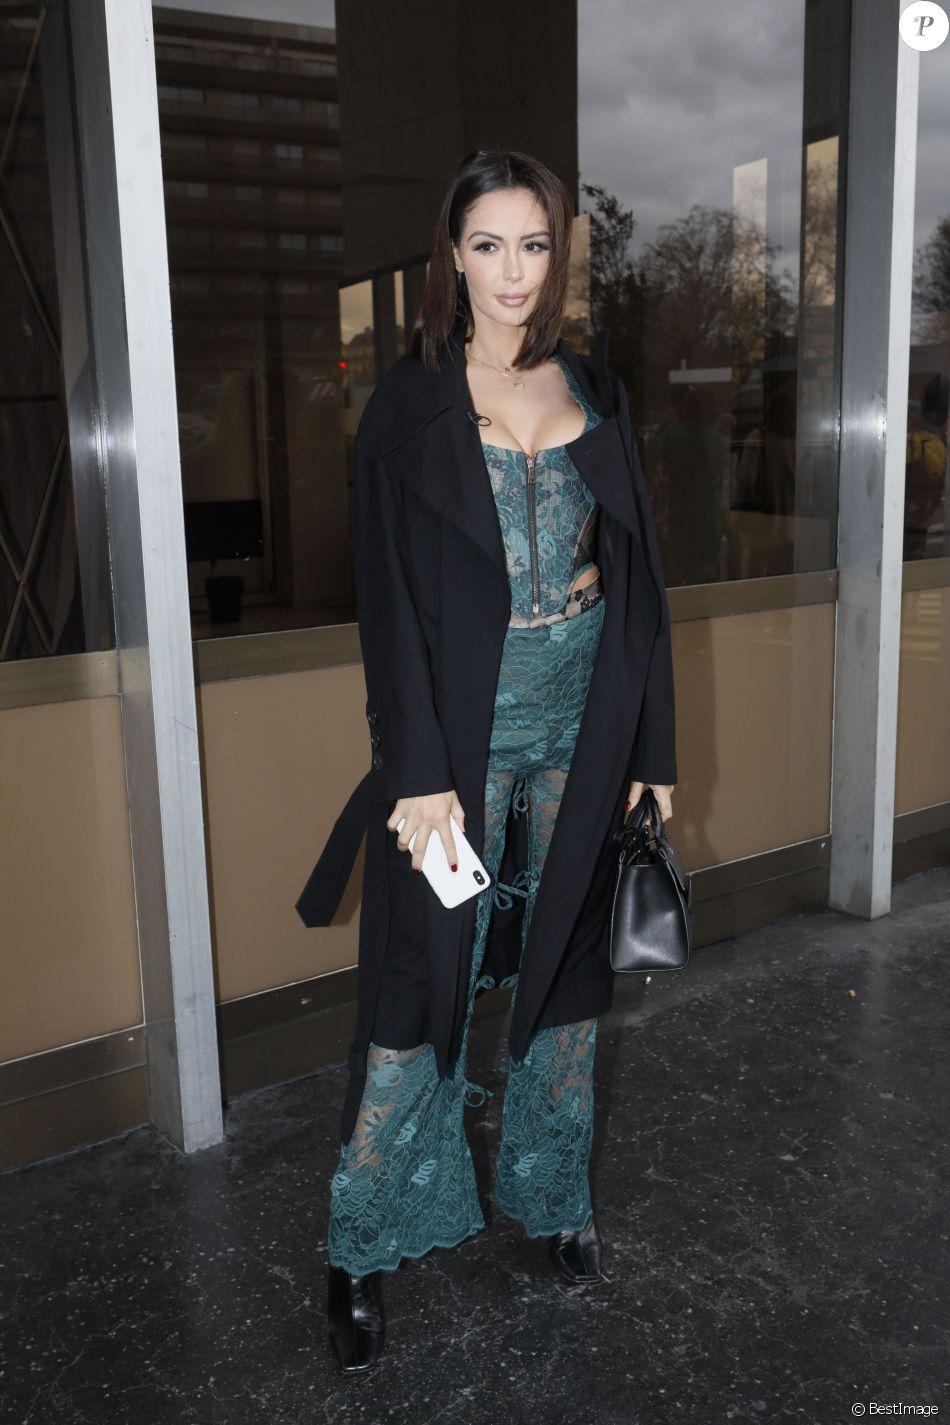 Semi-exclusif - Nabilla Benattia, en Vivienne Westwood, arrive au défilé de mode Vivienne Westwood collection prêt-à-porter Automne-Hiver 2019/2020 lors de la fashion week à Paris, France, le 2 mars 2019.